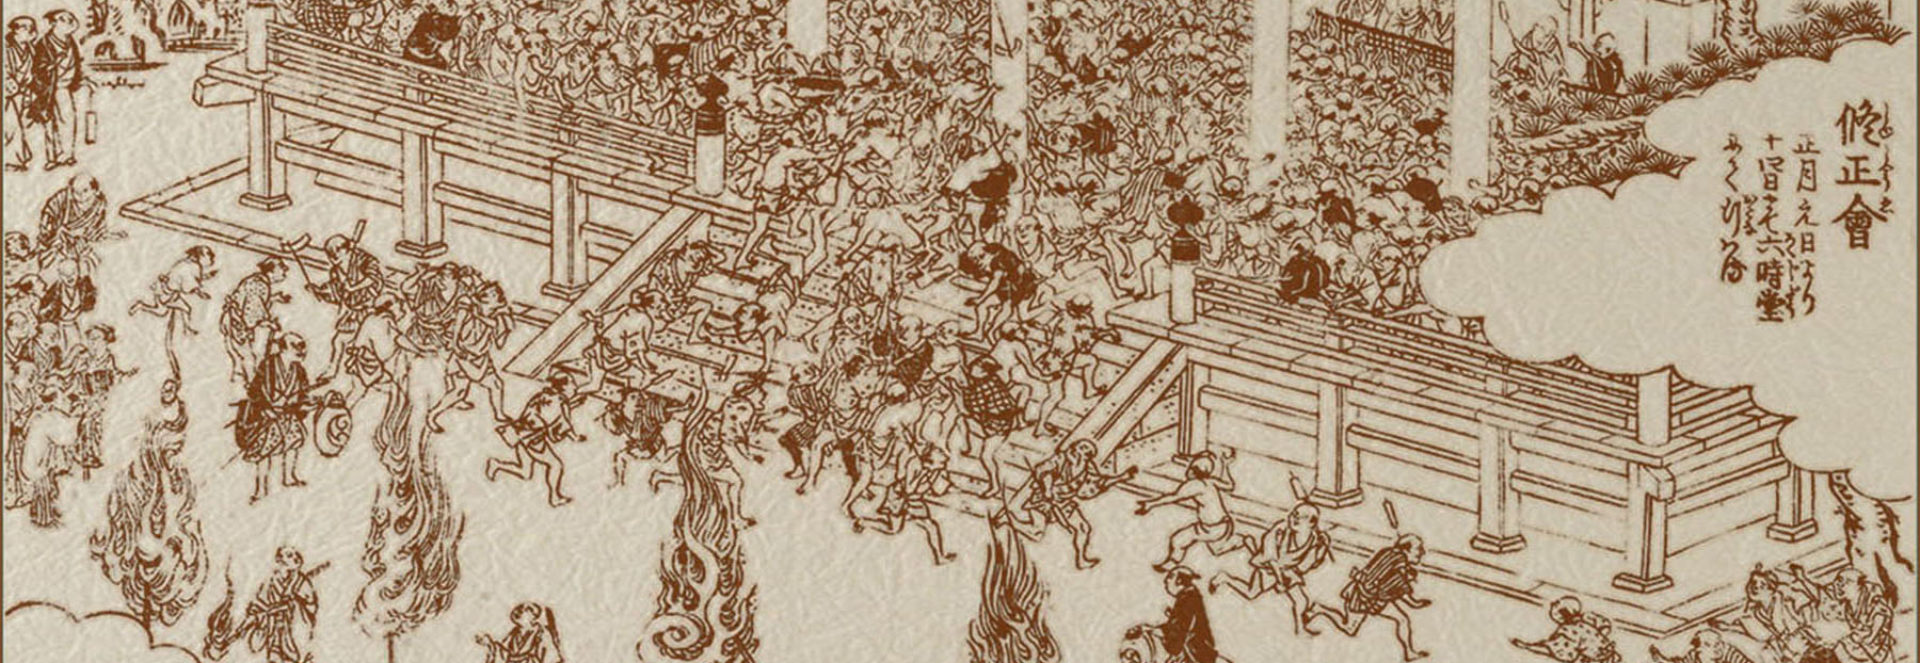 関西古書研究会 大阪,兵庫,京都,滋賀,奈良,和歌山,近畿,関西随一の古本,古書店が集合、関西古書研究会。古本,古書,即売会,イベントや古書店の紹介サイト